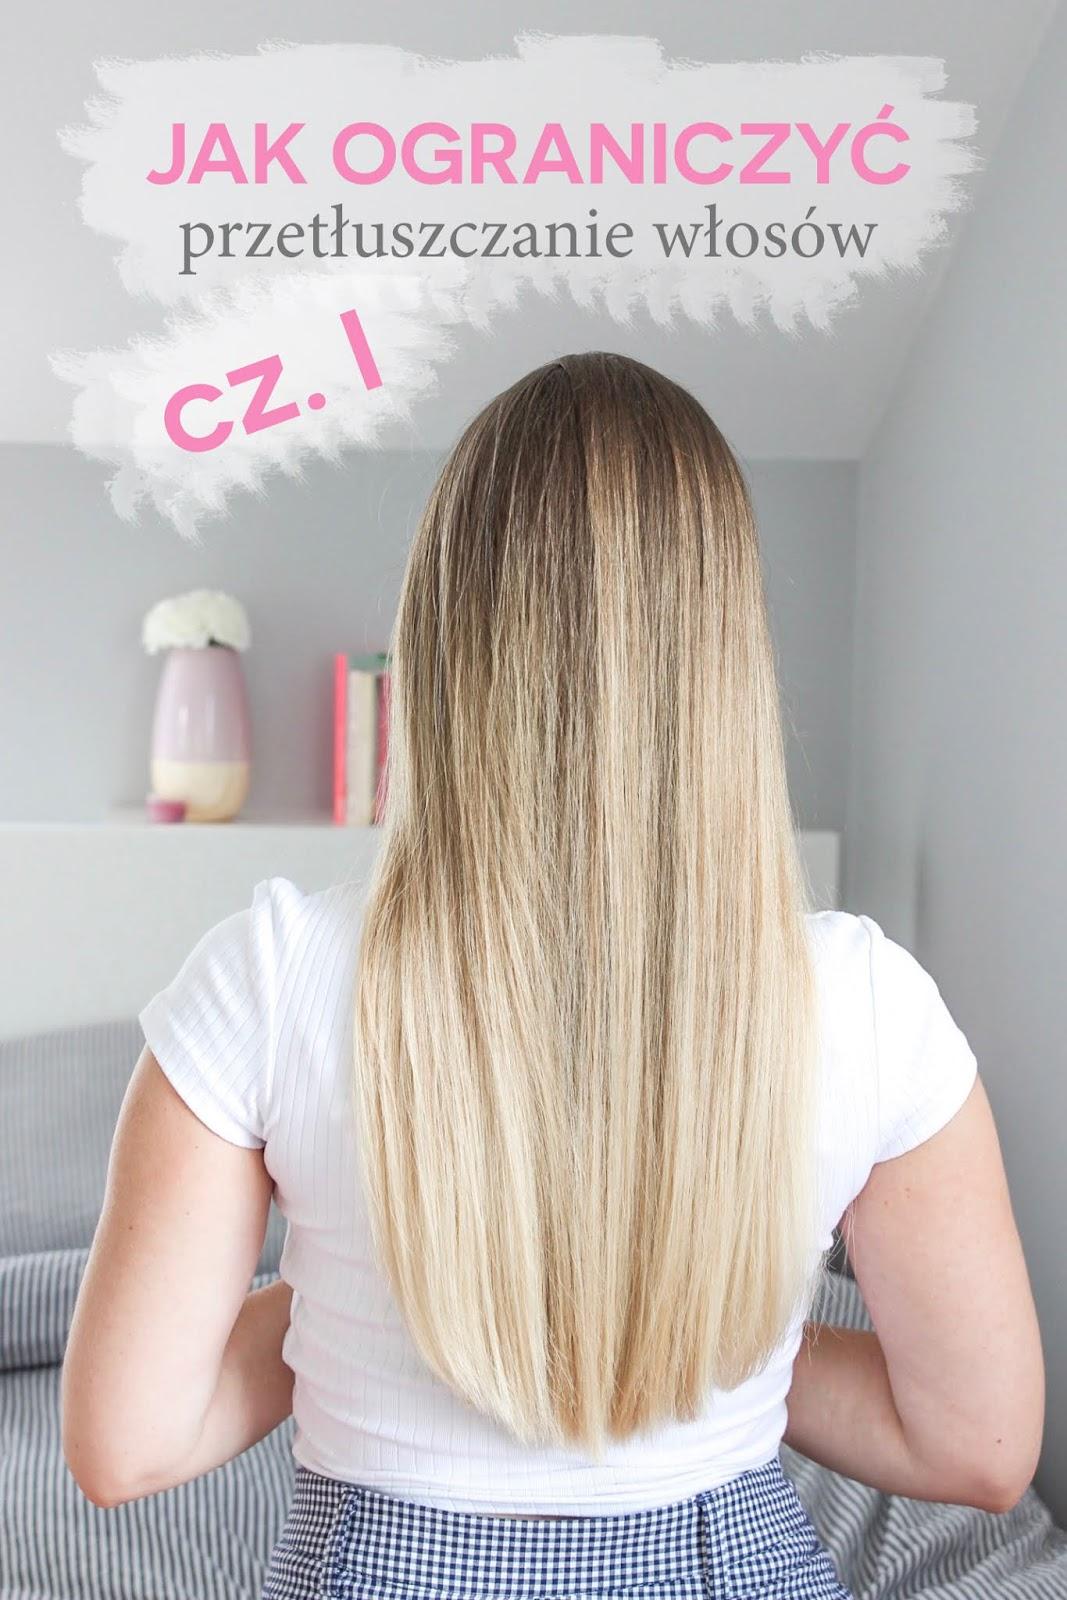 O Tym Jak Ograniczyłam Przetłuszczanie Włosów 1